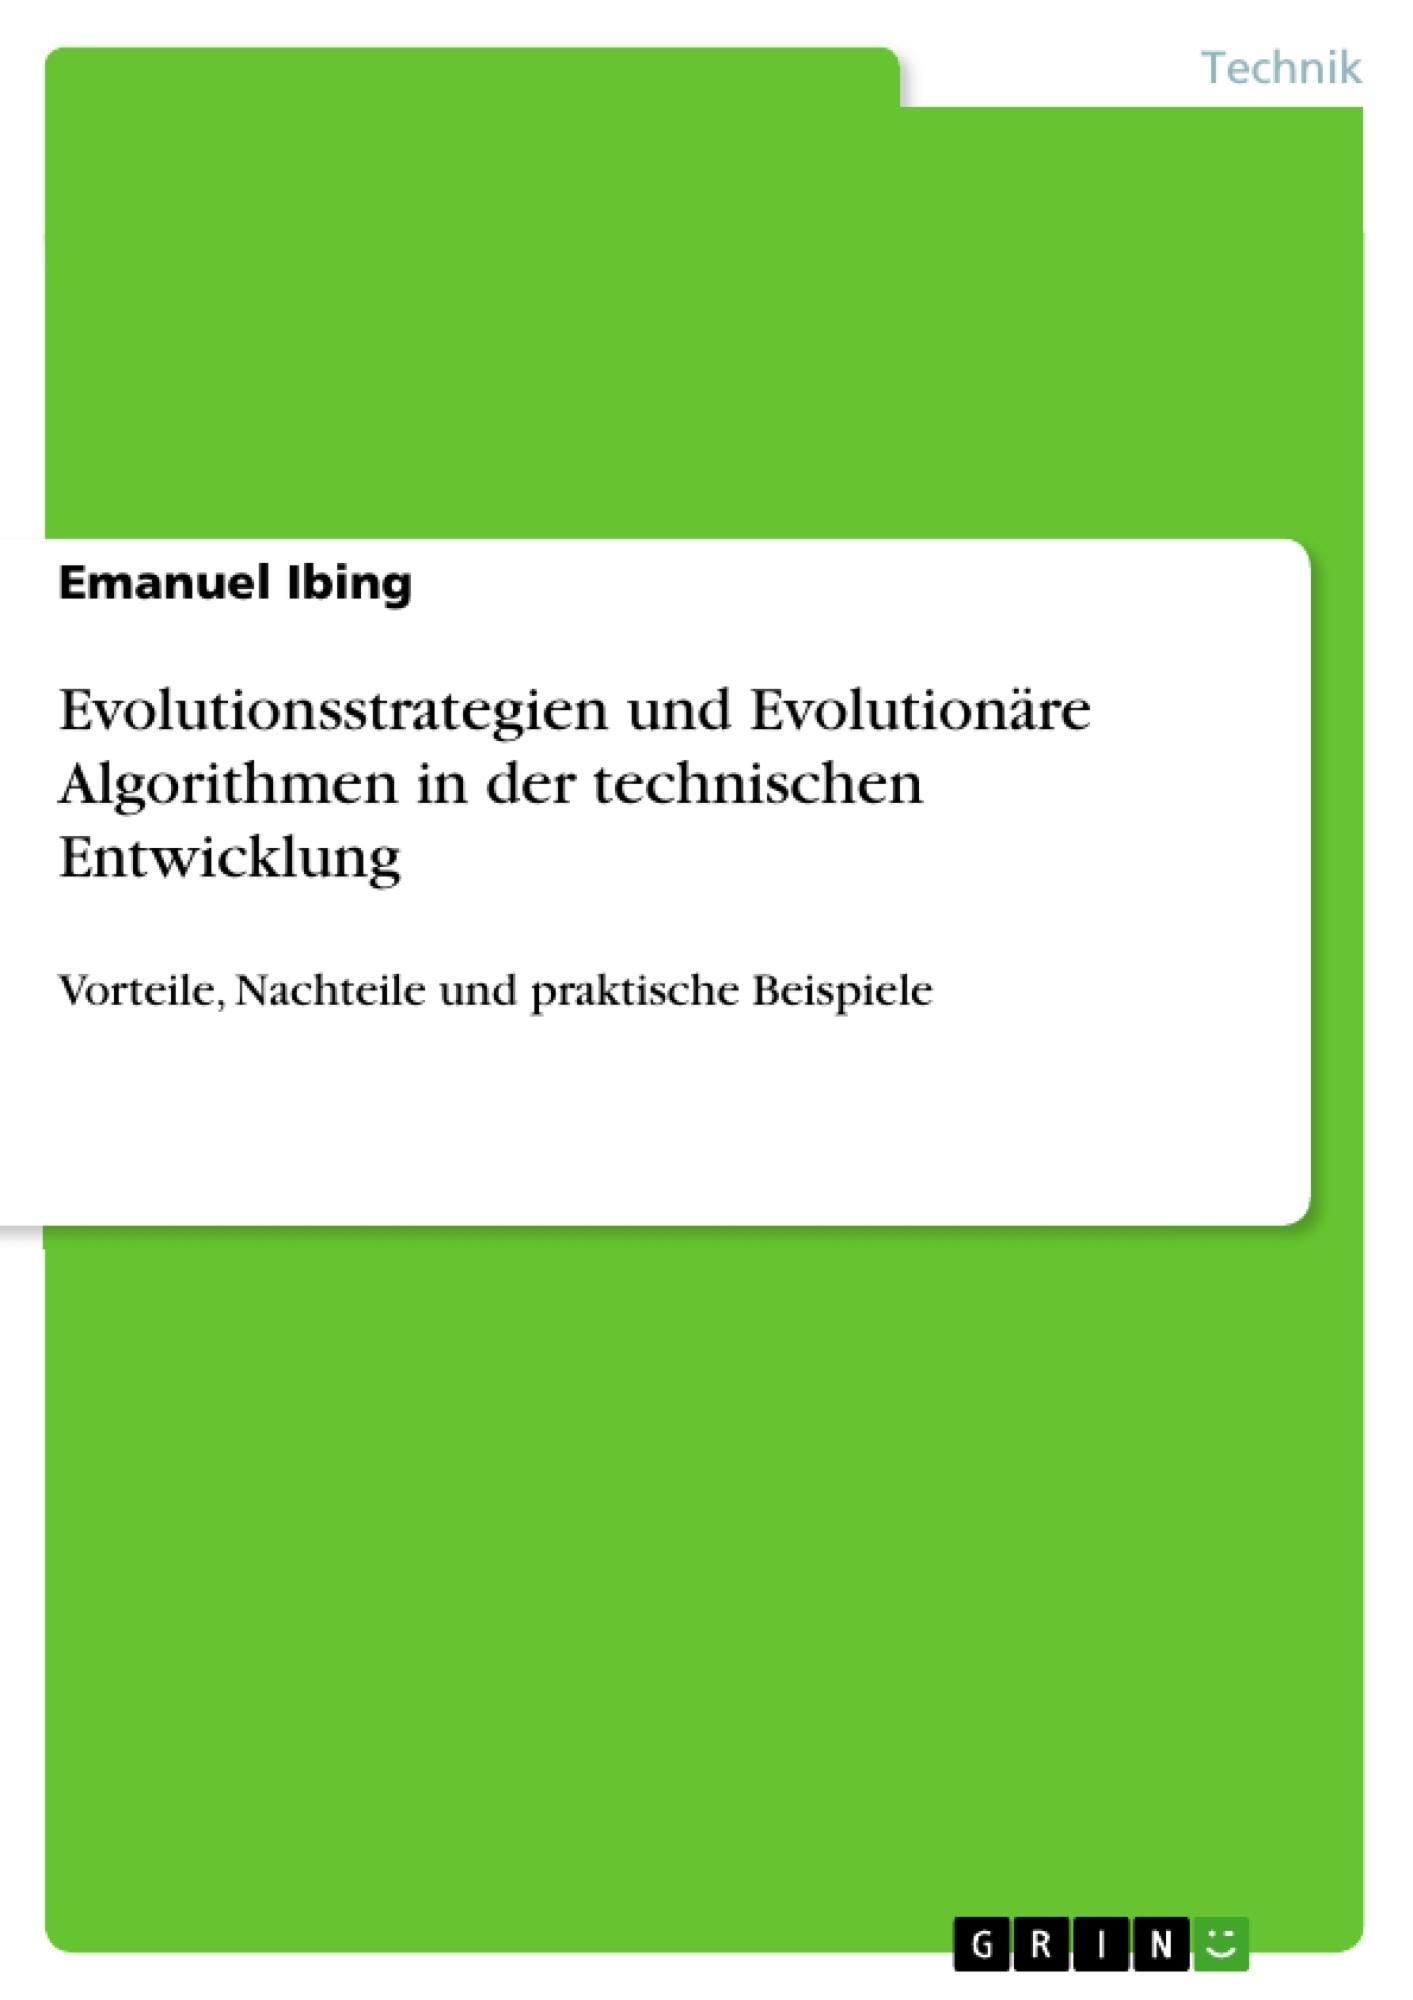 Titel: Evolutionsstrategien und Evolutionäre Algorithmen in der technischen Entwicklung